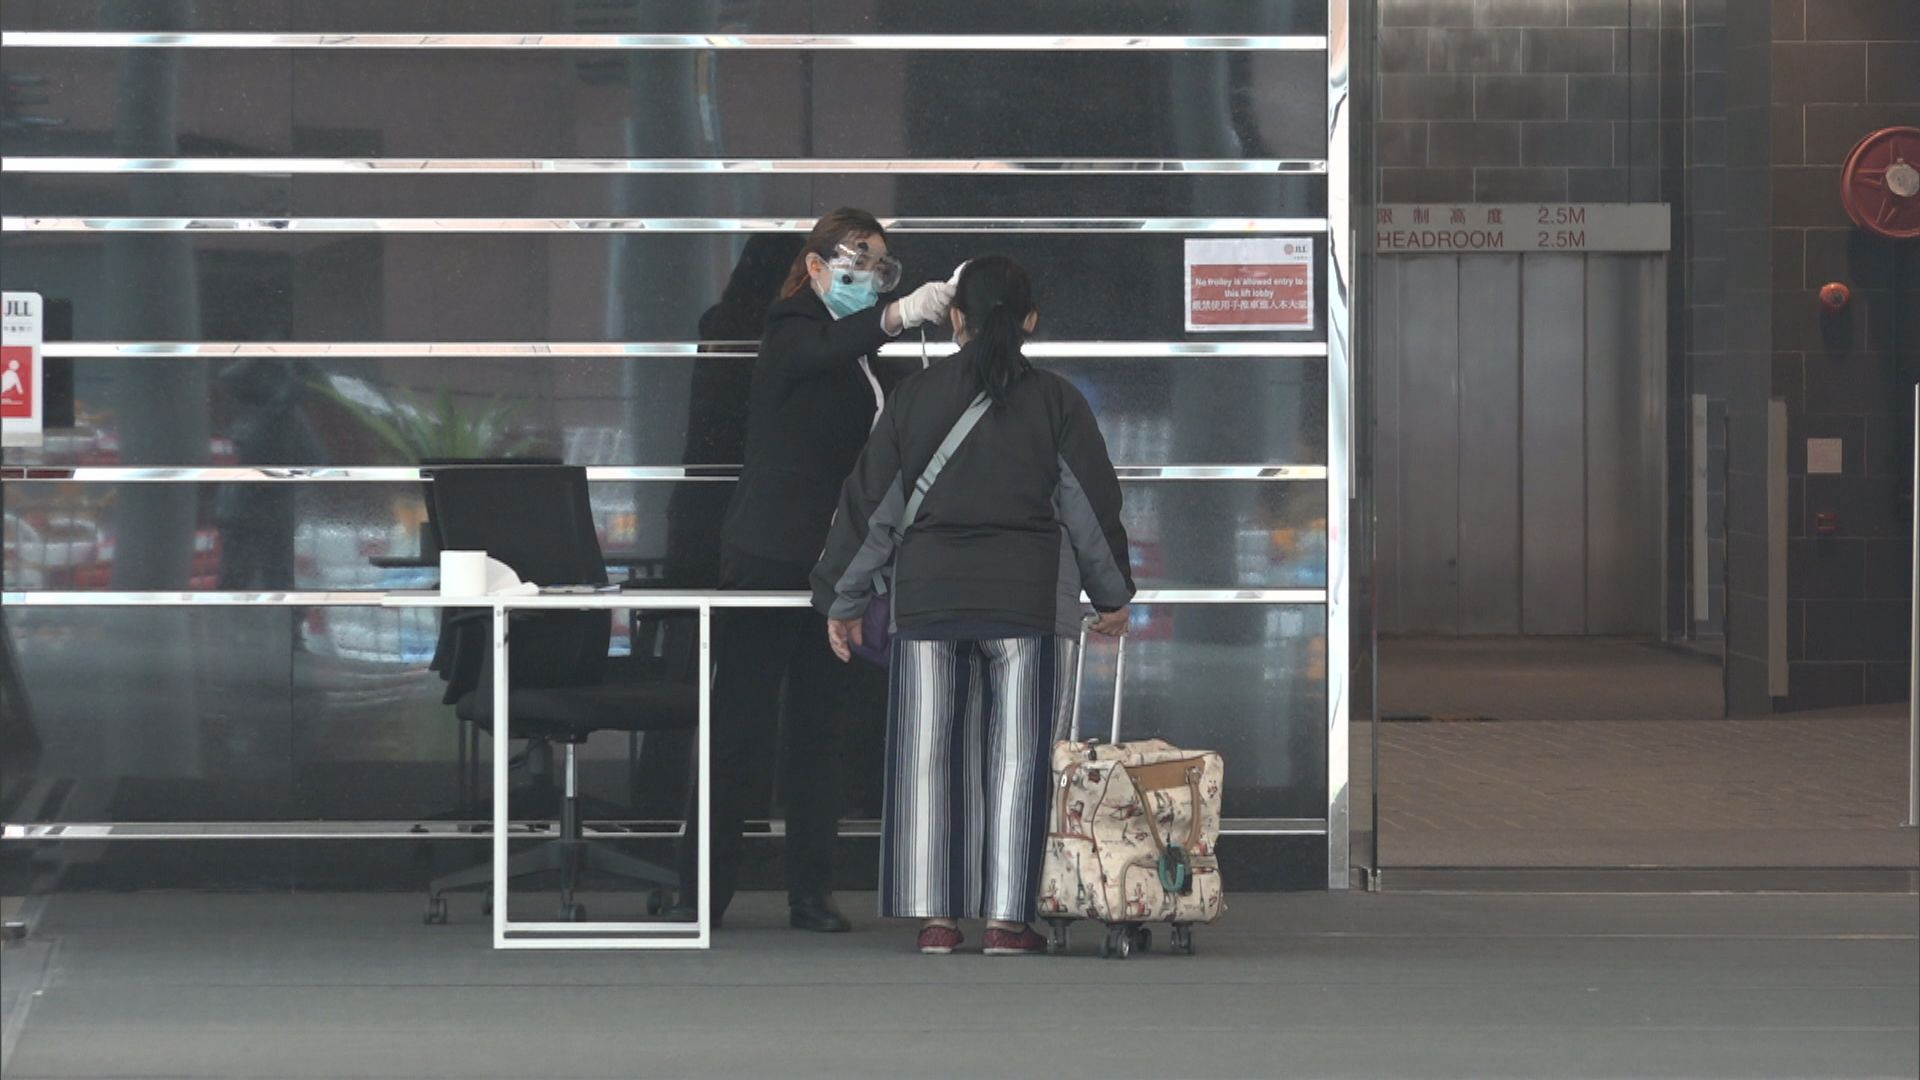 消息:太古城確診患者同事亦初步確診 兩人曾到醫管局總部開會